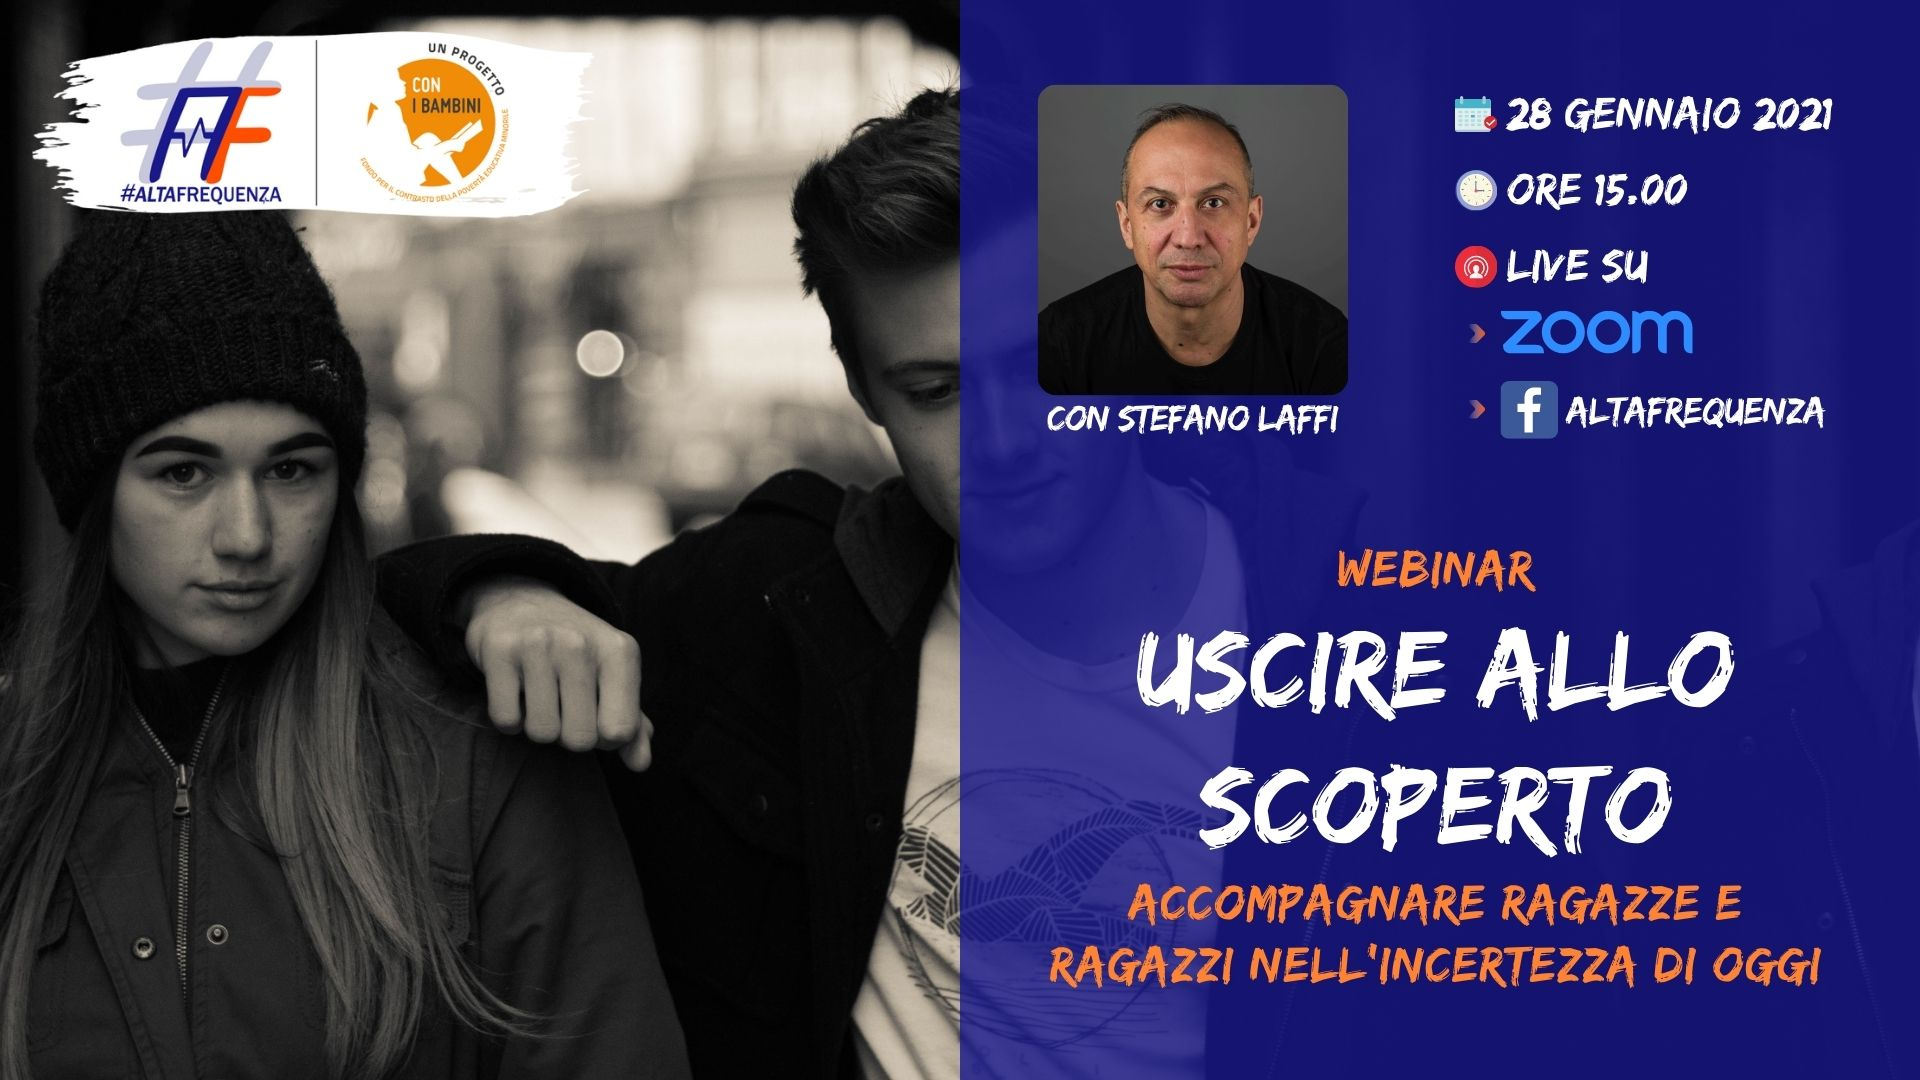 Webinar con Stefano Laffi del 28 gennaio